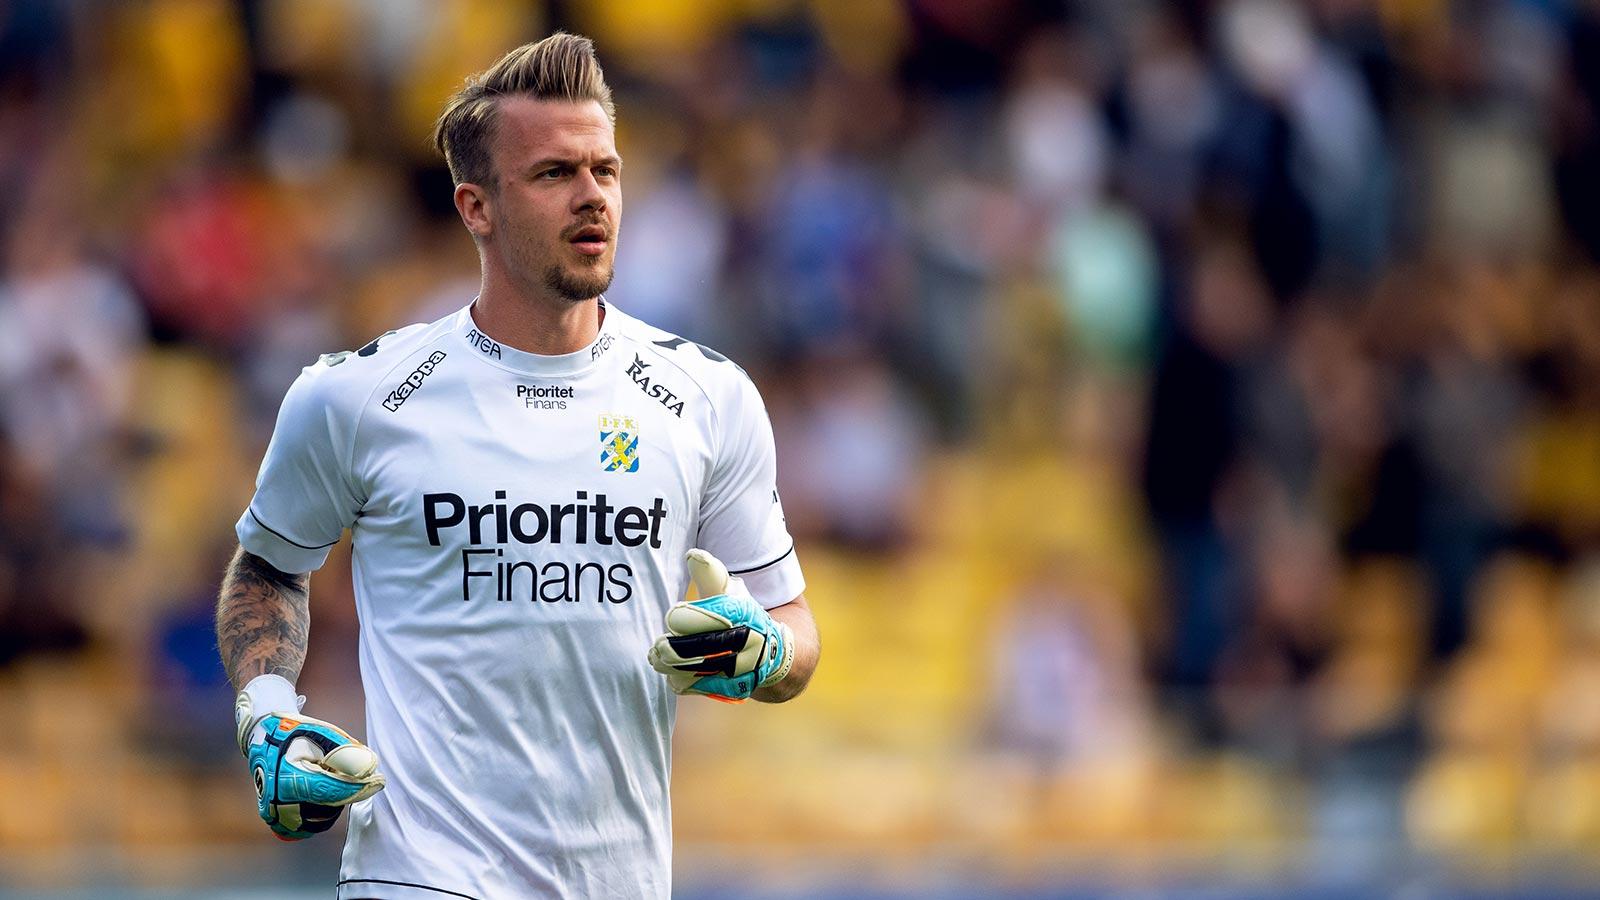 180521 IFK Göteborgs målvakt Erik Dahlin värmer upp i halvtid under fotbollsmatchen i Allsvenskan mellan Elfsborg och IFK Göteborg den 21 maj 2018 i Borås.